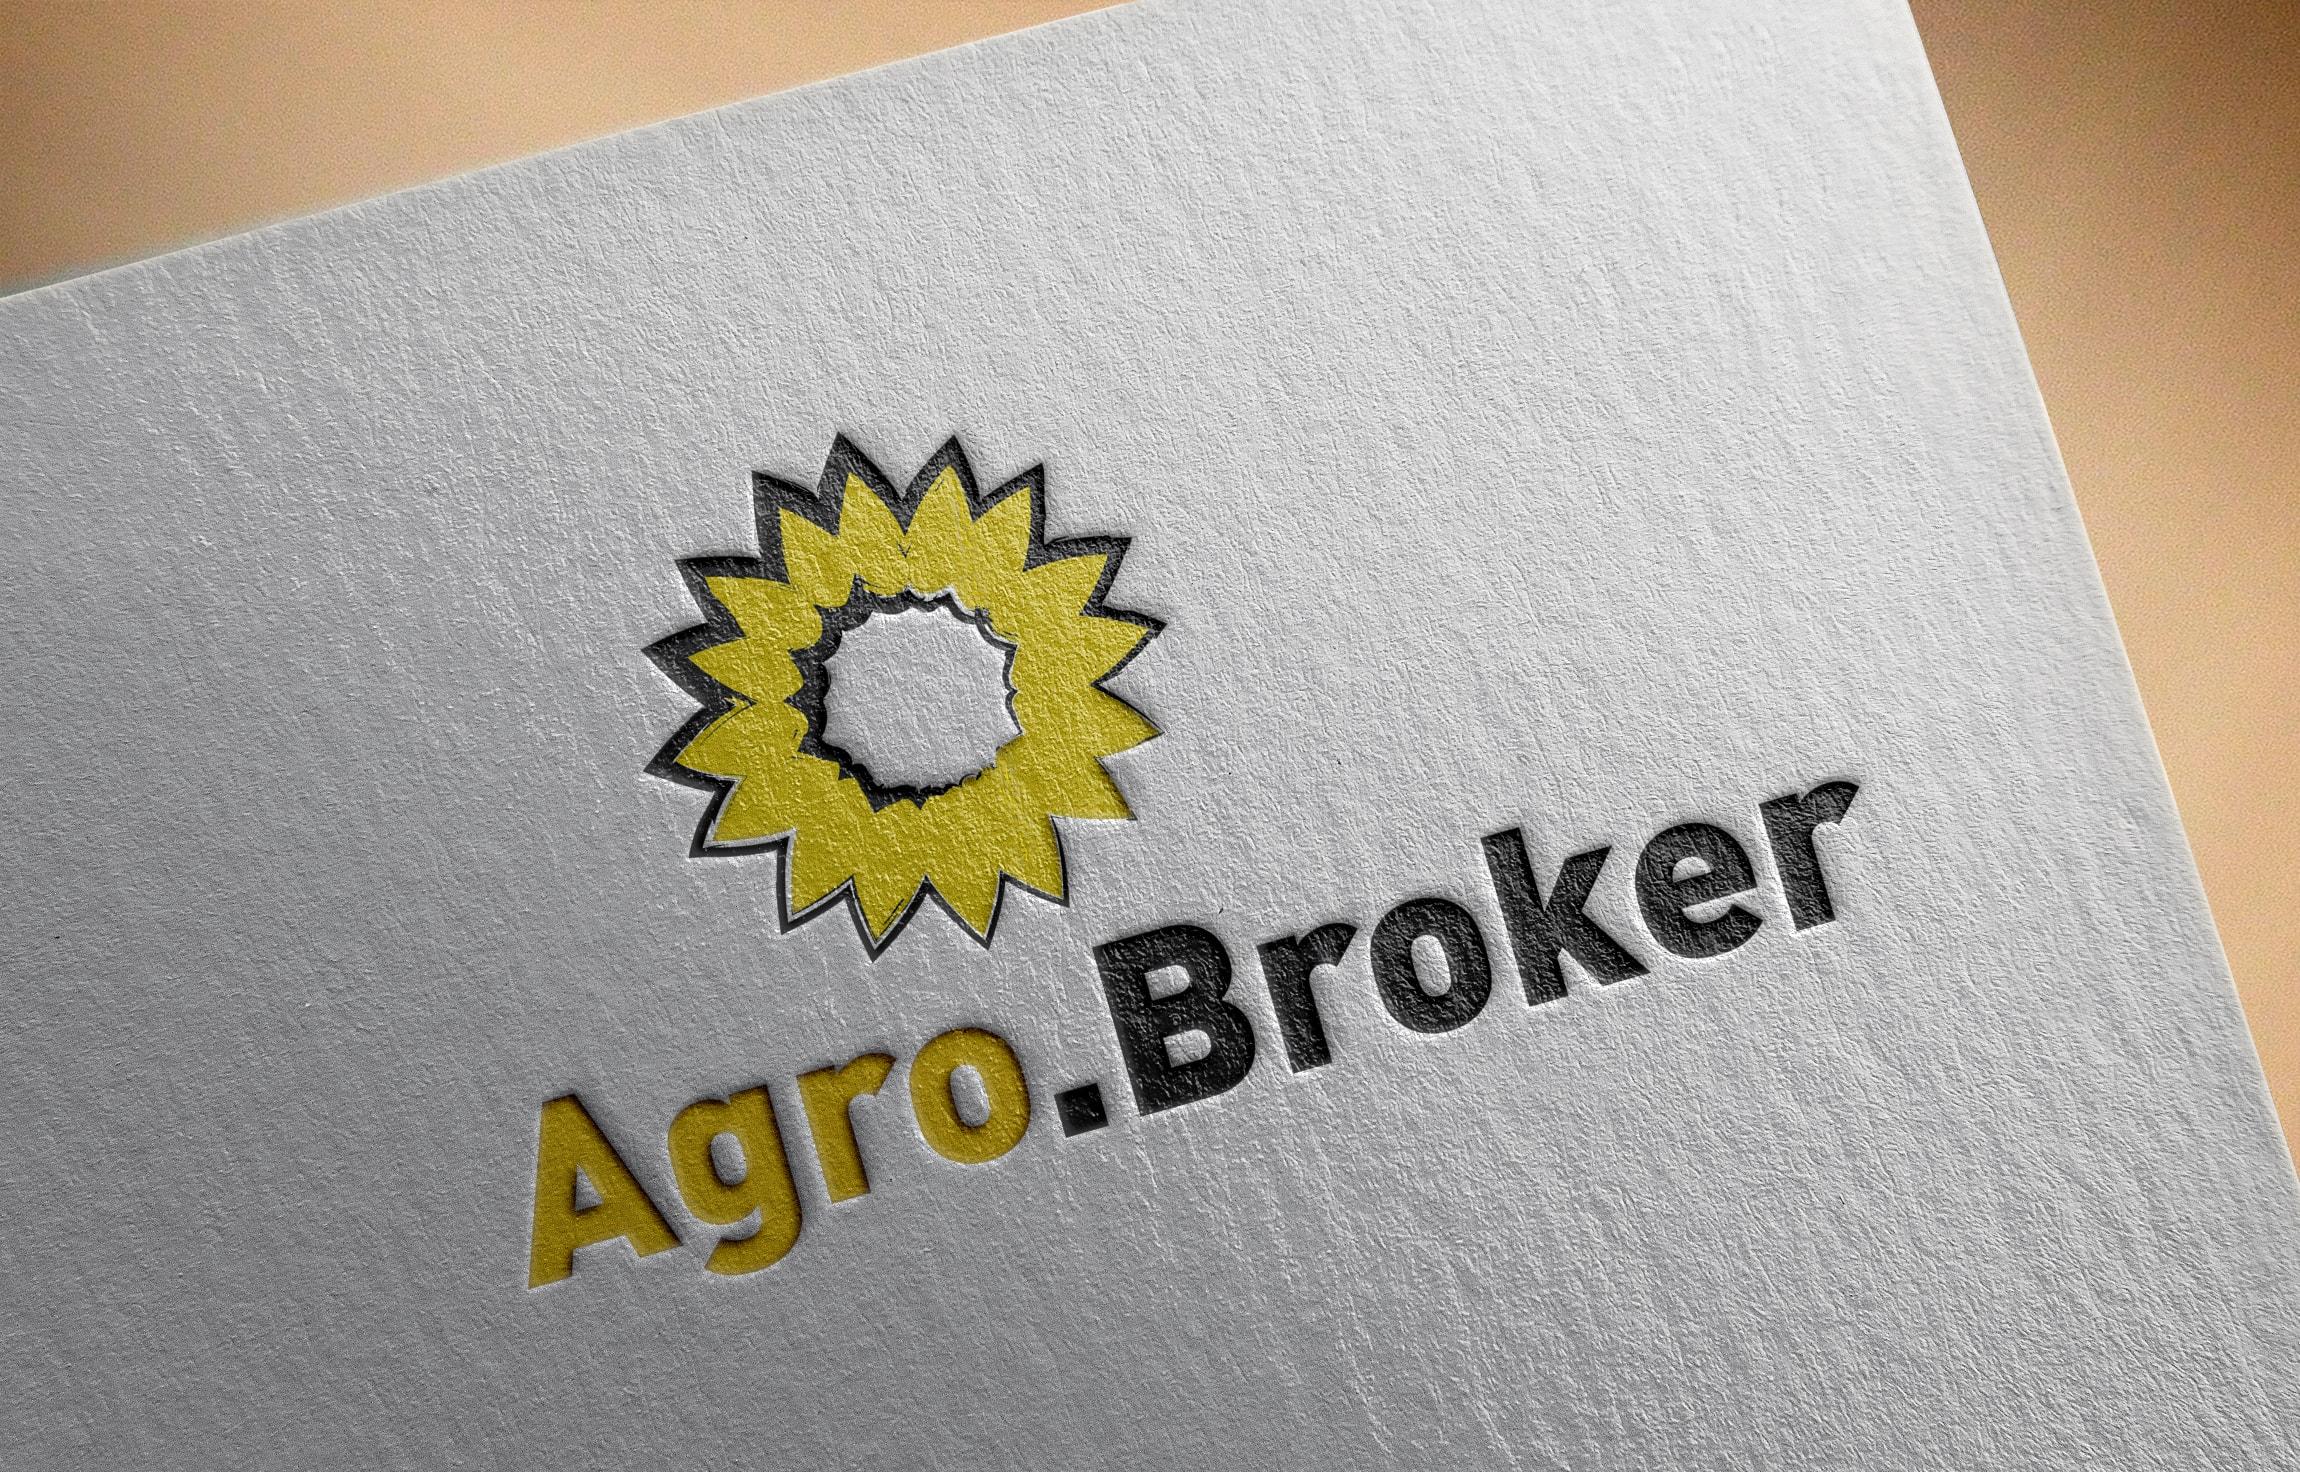 ТЗ на разработку пакета айдентики Agro.Broker фото f_2735971df2e27c2b.jpg